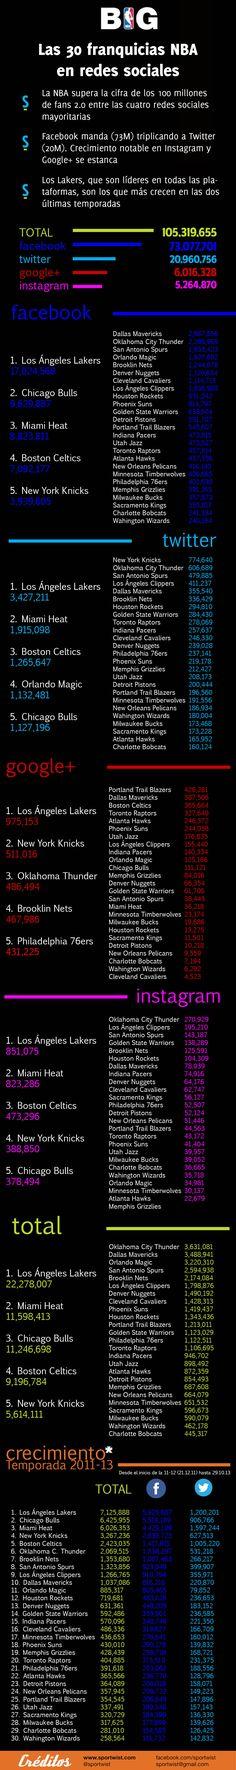 La NBA y todos sus equipos superan los 100 millones de fans en la duela 2.0 #SMSports #SocialMedia #NBA